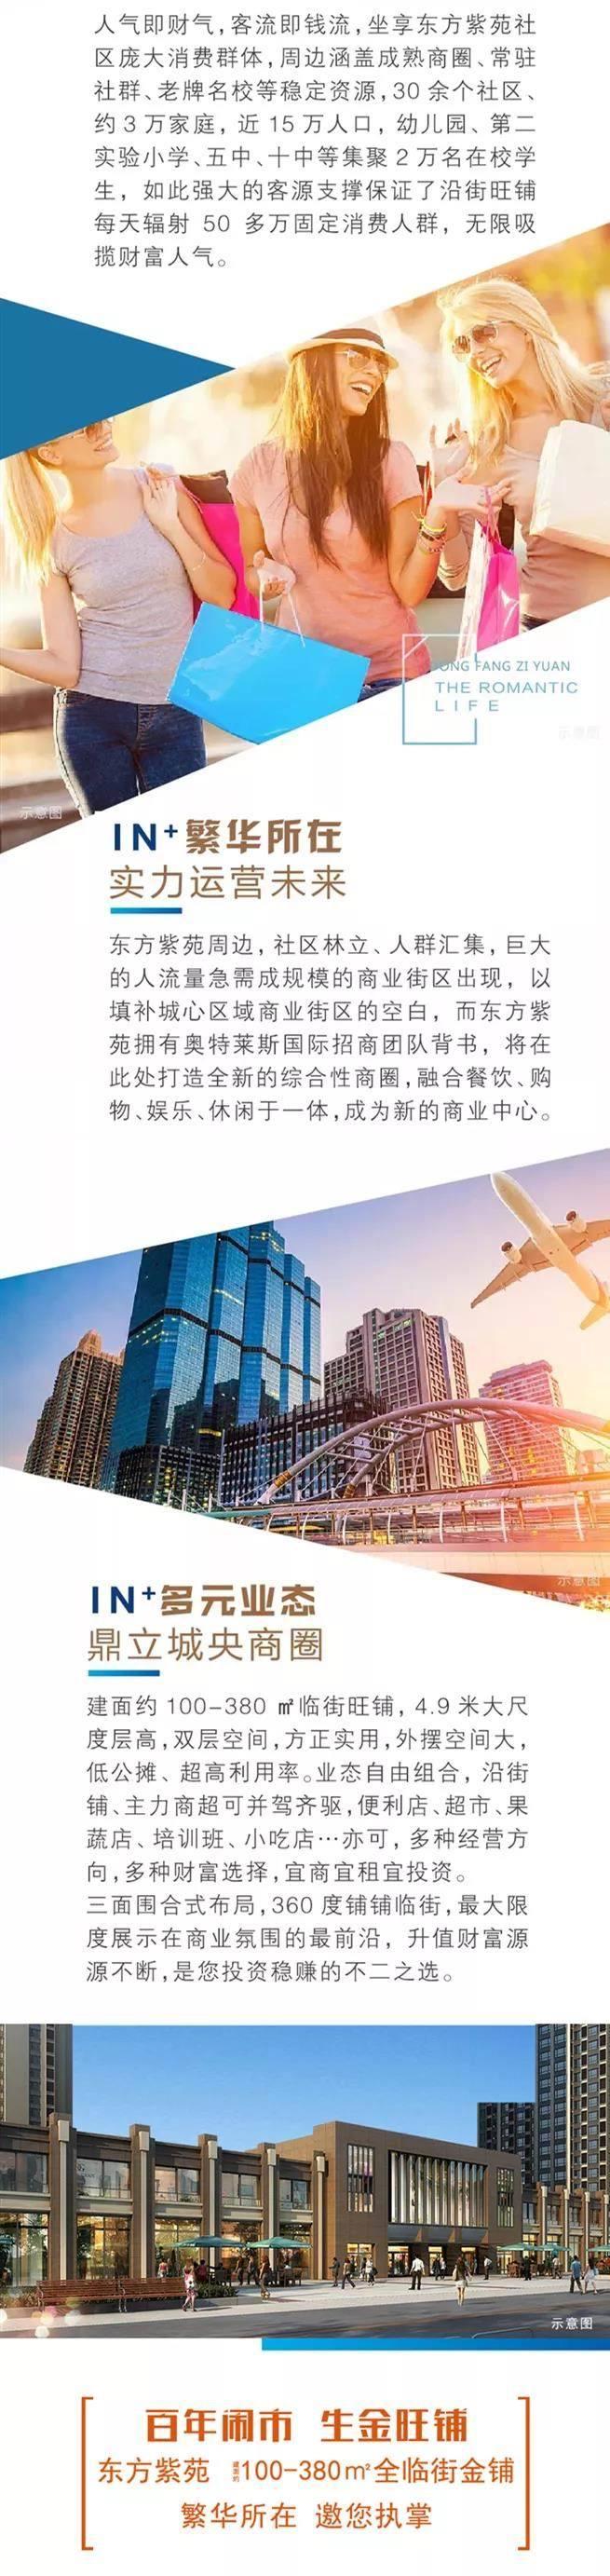 价值解读 东方紫苑百年闹市,生金旺铺,一铺定繁华!